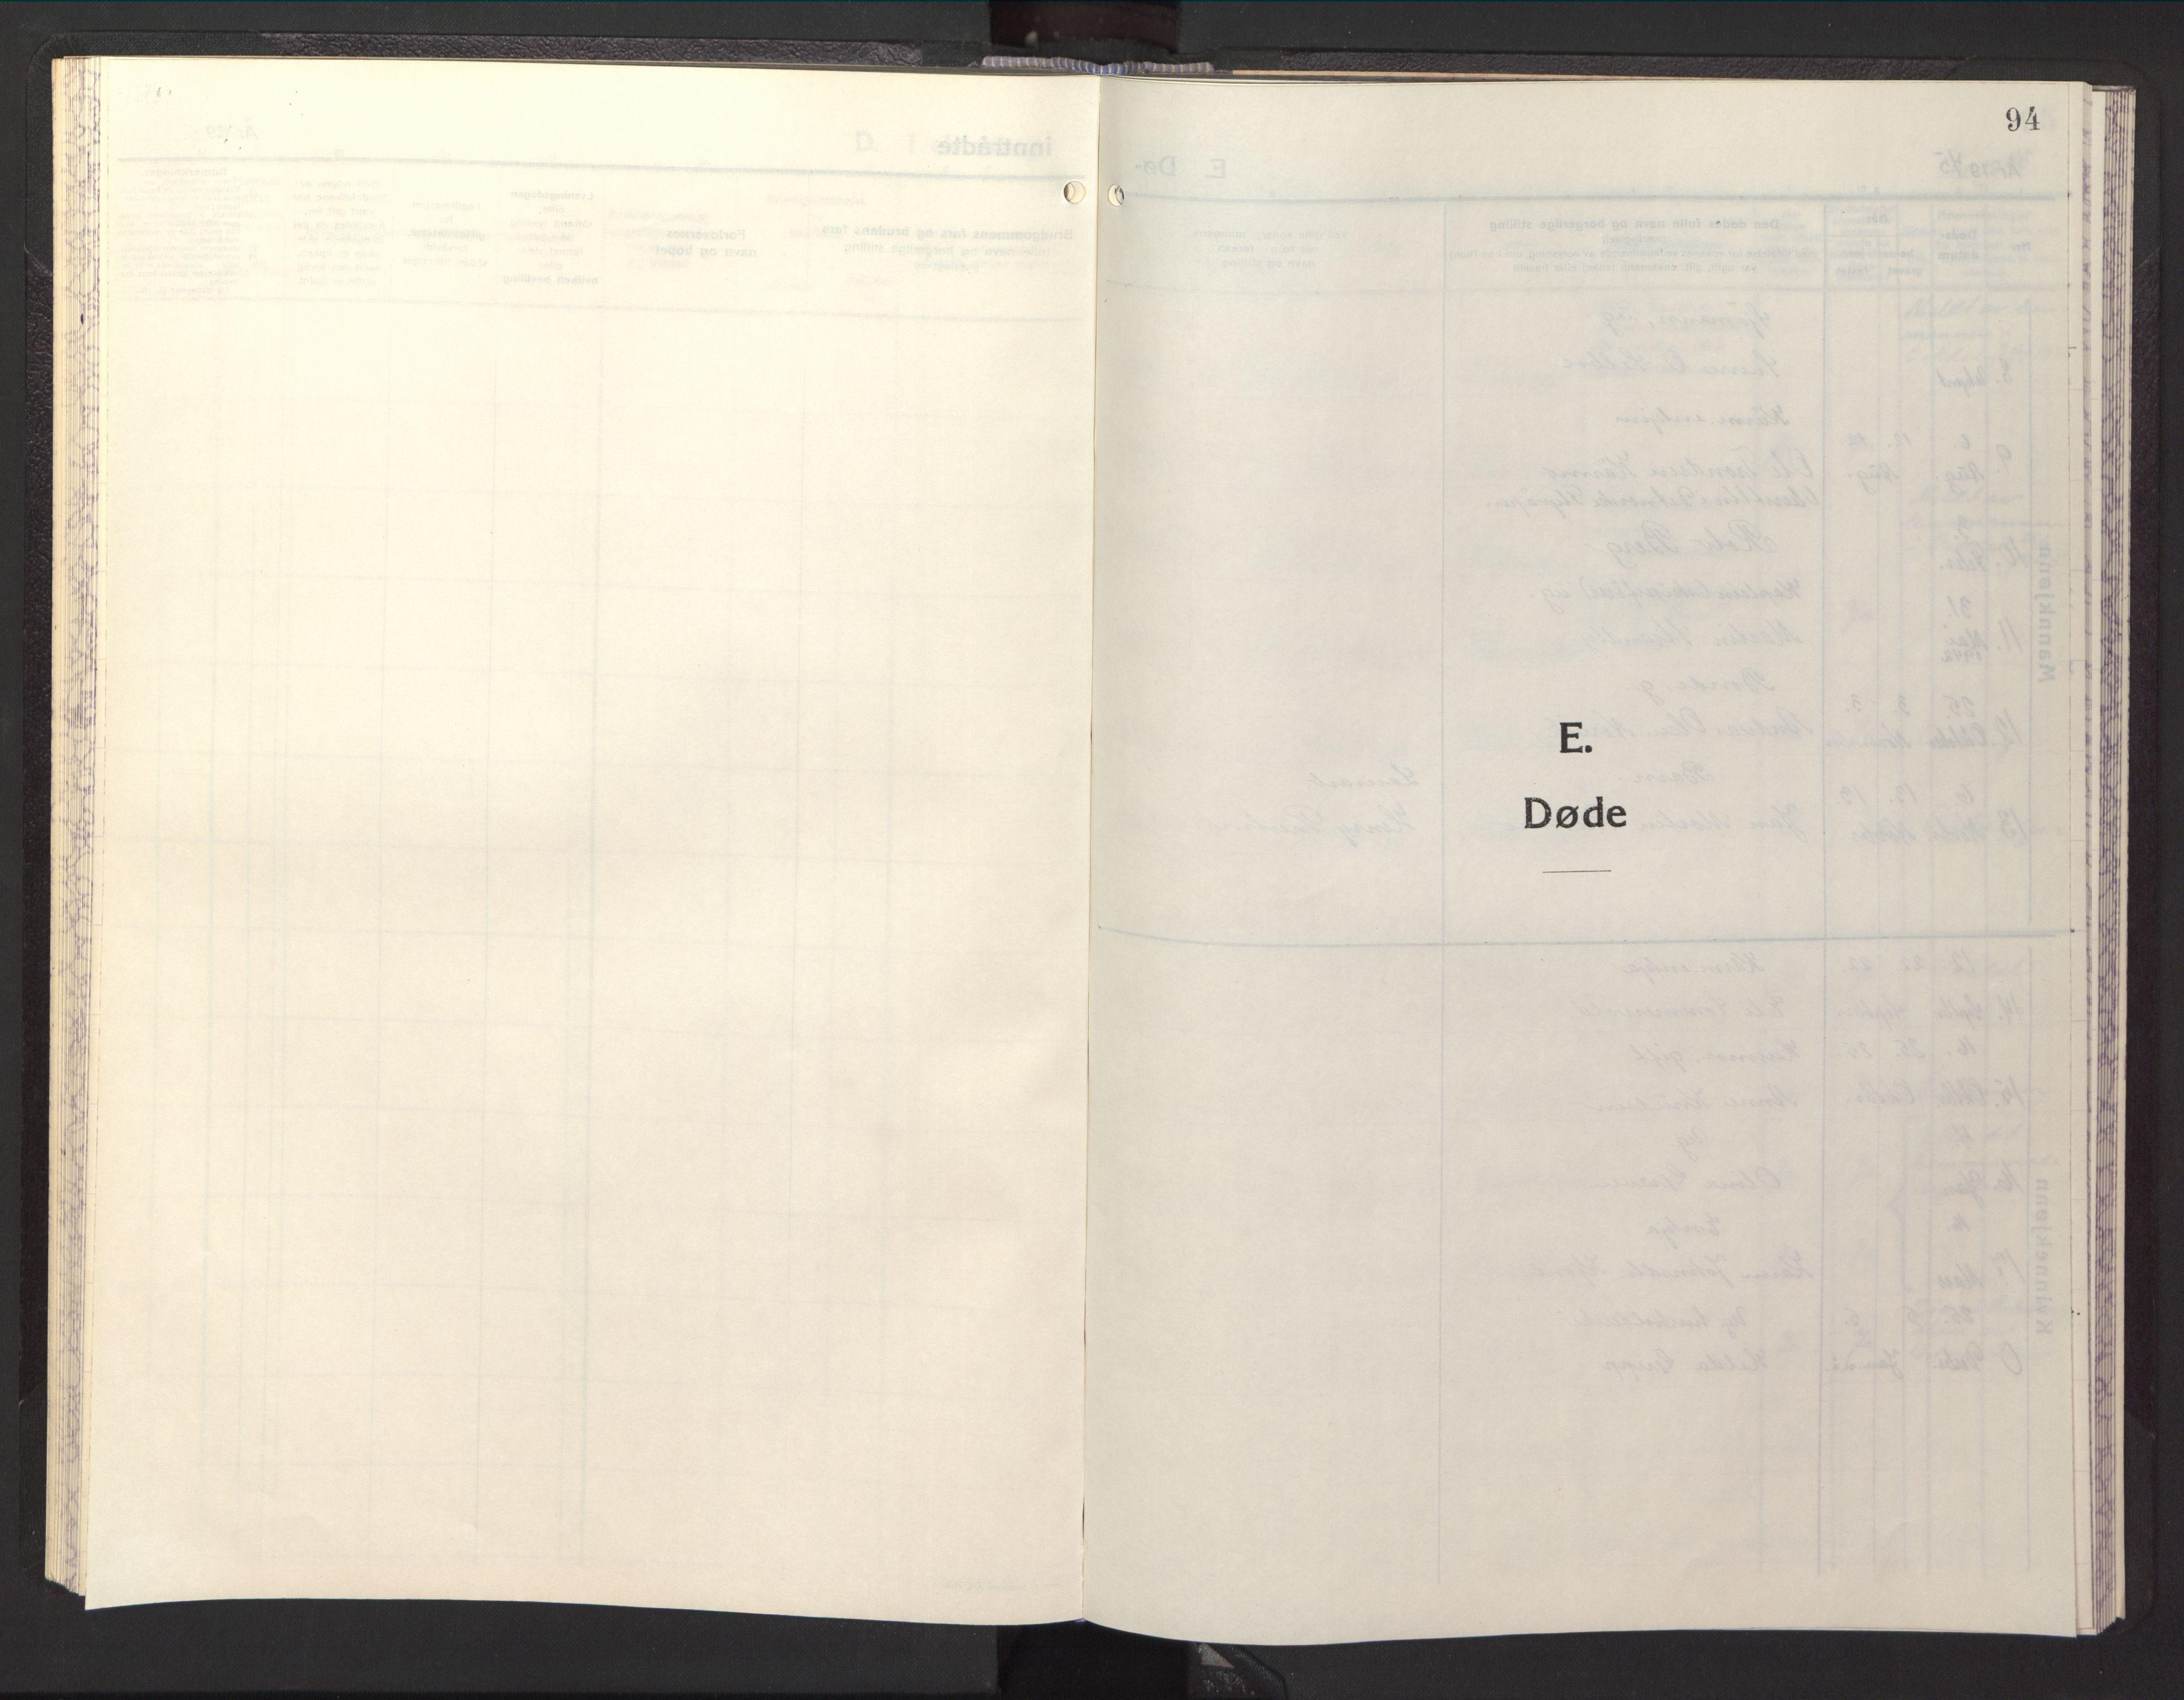 SAT, Ministerialprotokoller, klokkerbøker og fødselsregistre - Sør-Trøndelag, 669/L0833: Klokkerbok nr. 669C03, 1945-1950, s. 94